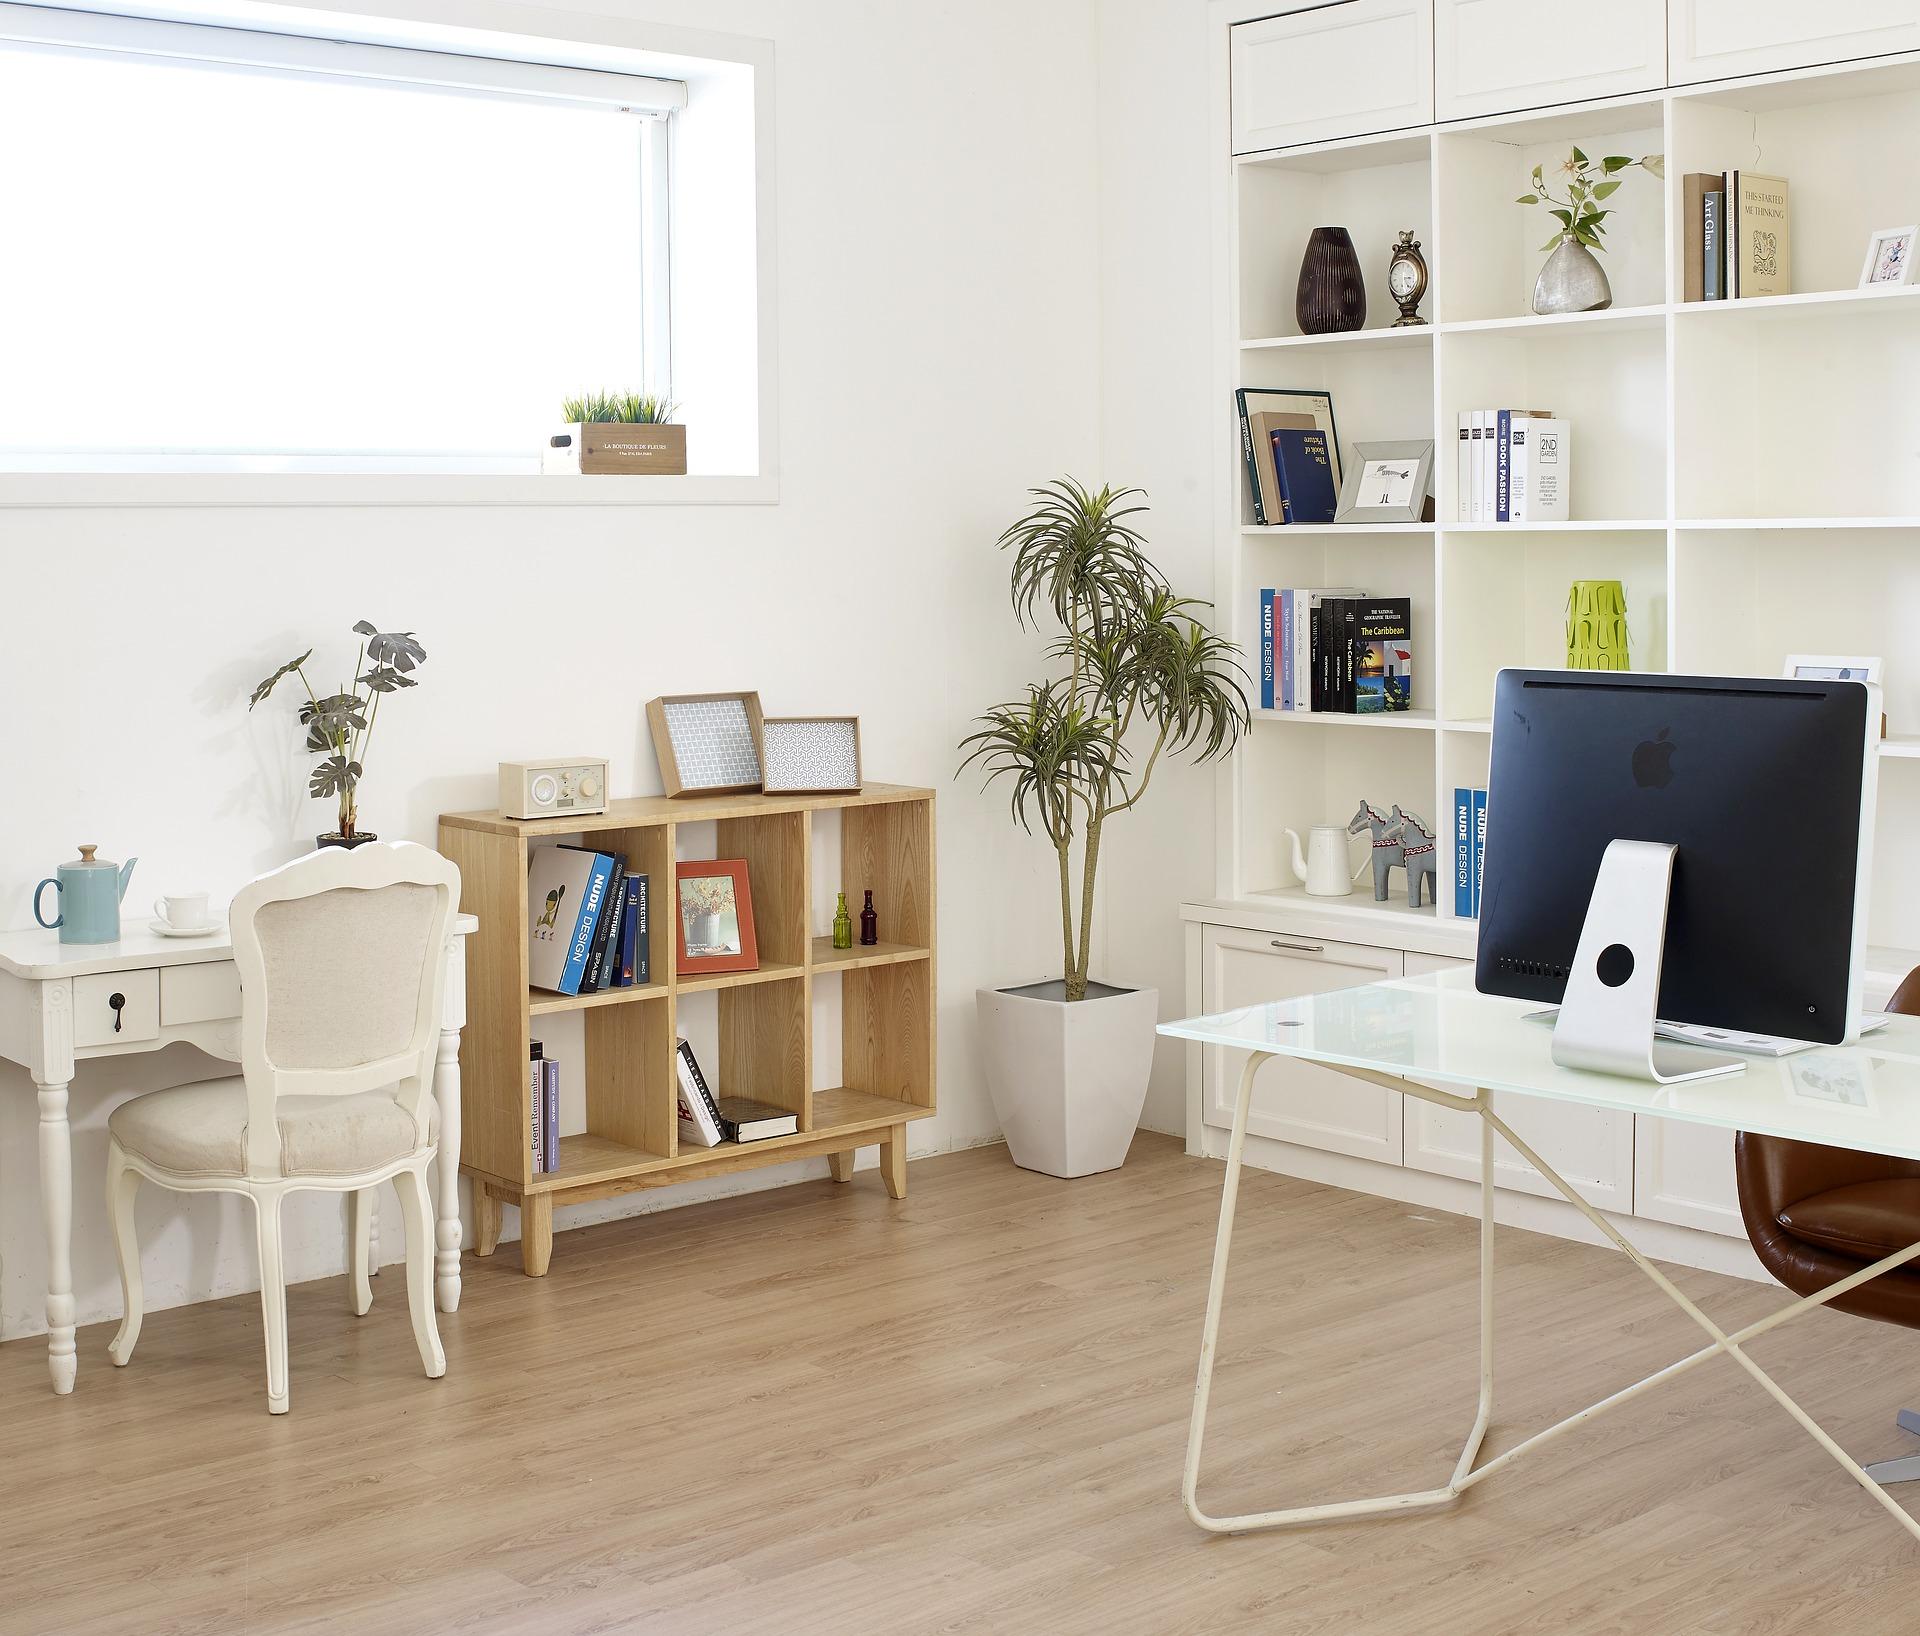 小坪數貸款為自己買下一個專屬空間